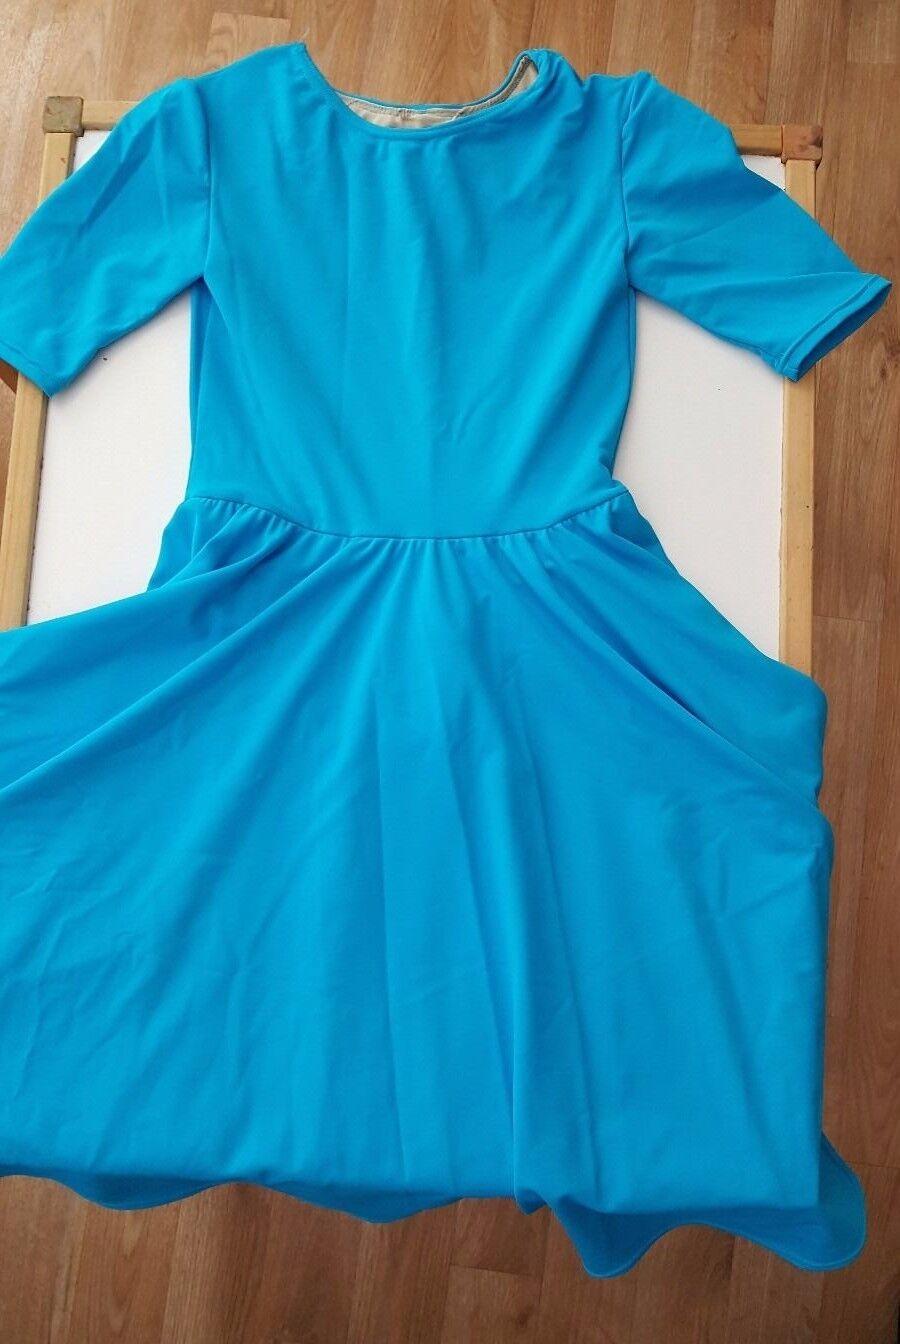 bluee Dance Dress with long skirt - Girls [Size 5T]